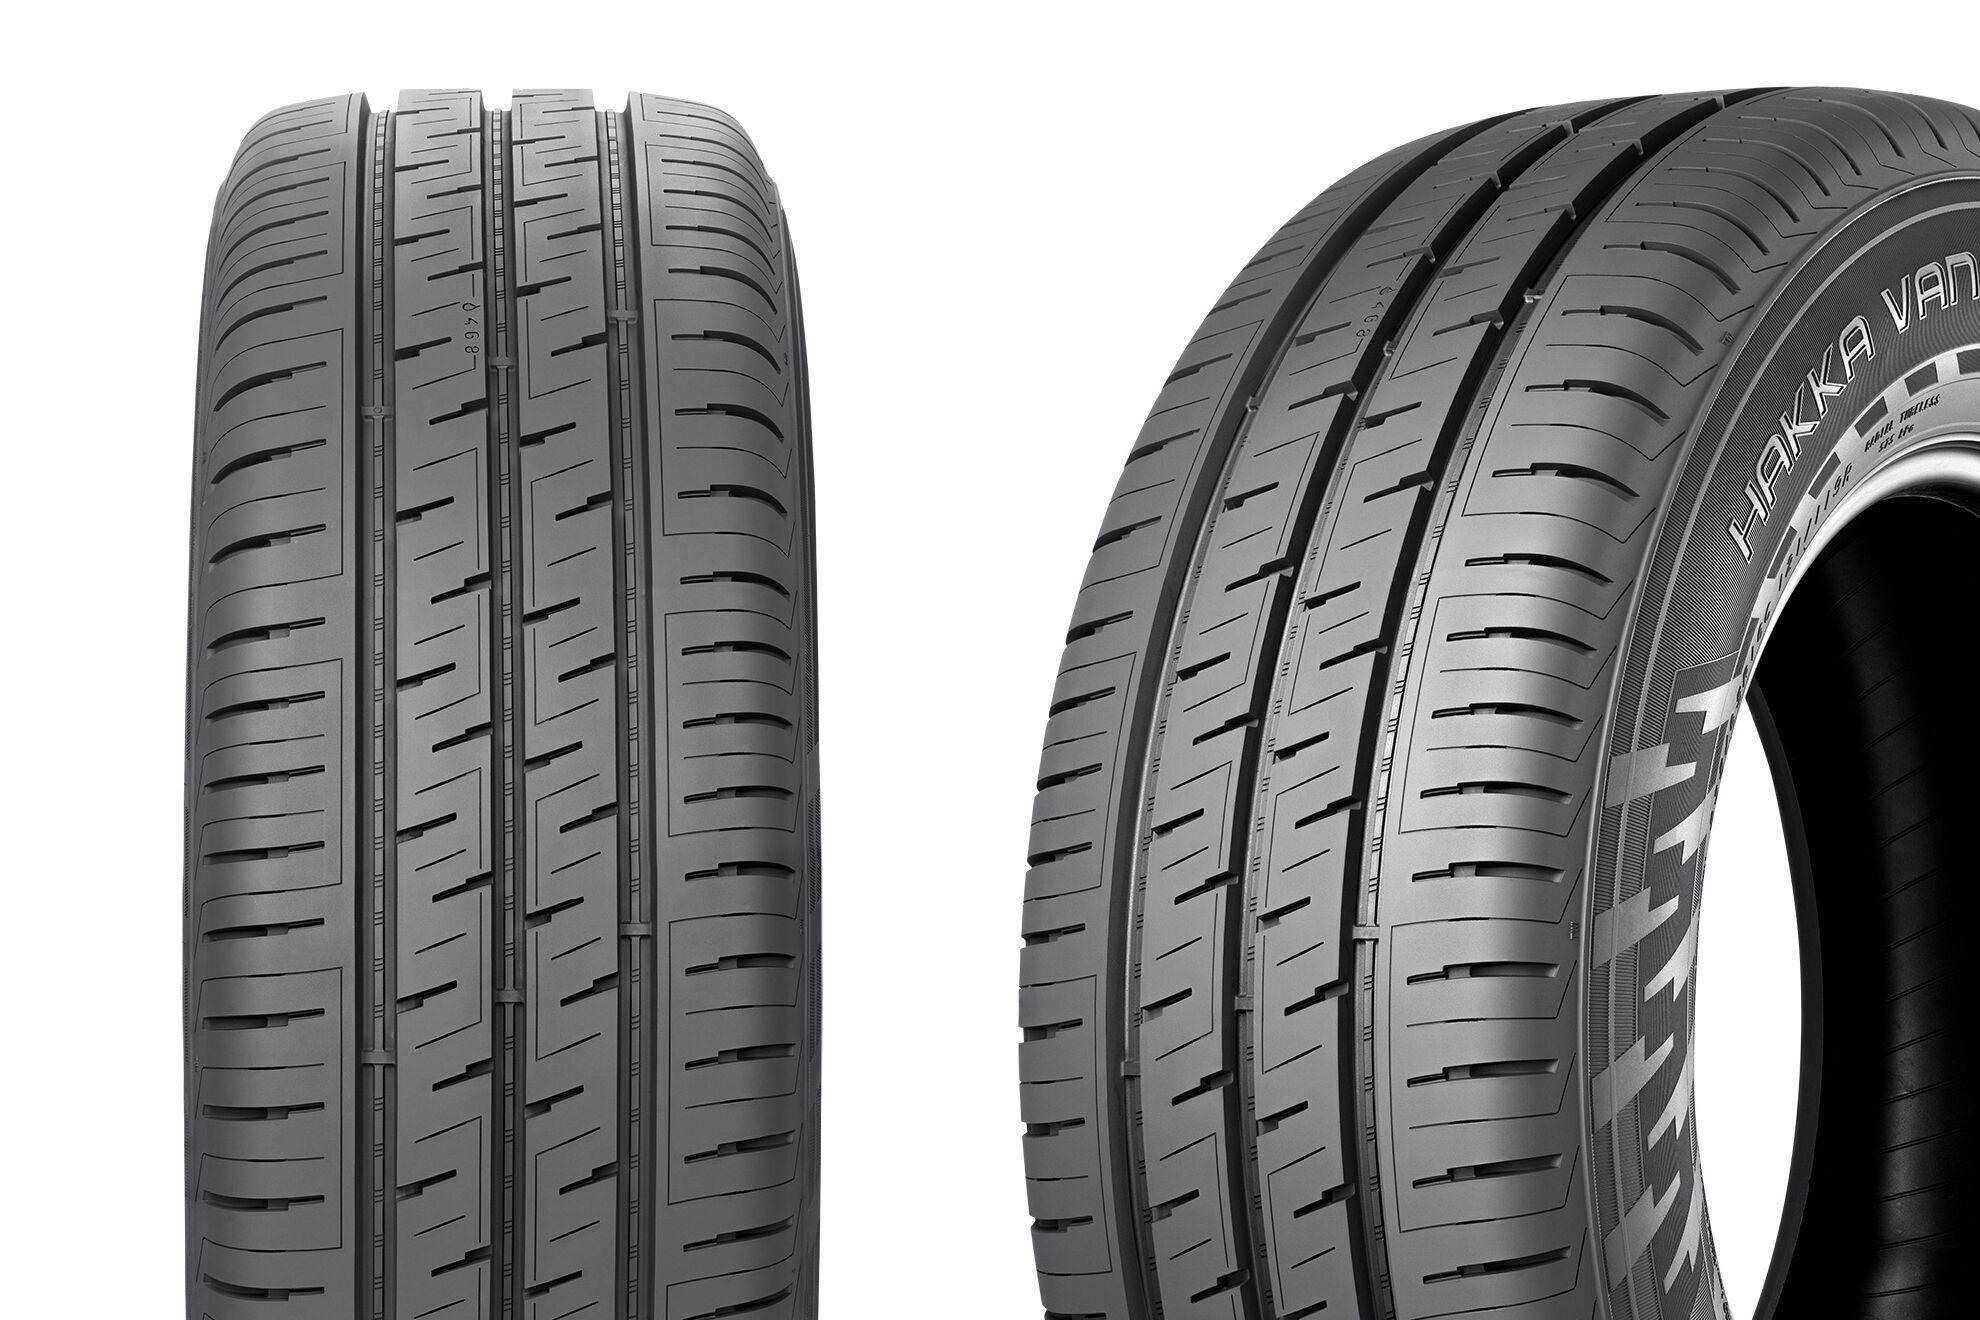 По своим характеристикам шины Hakka Van не уступают аналогам для обычных легковых автомобилей